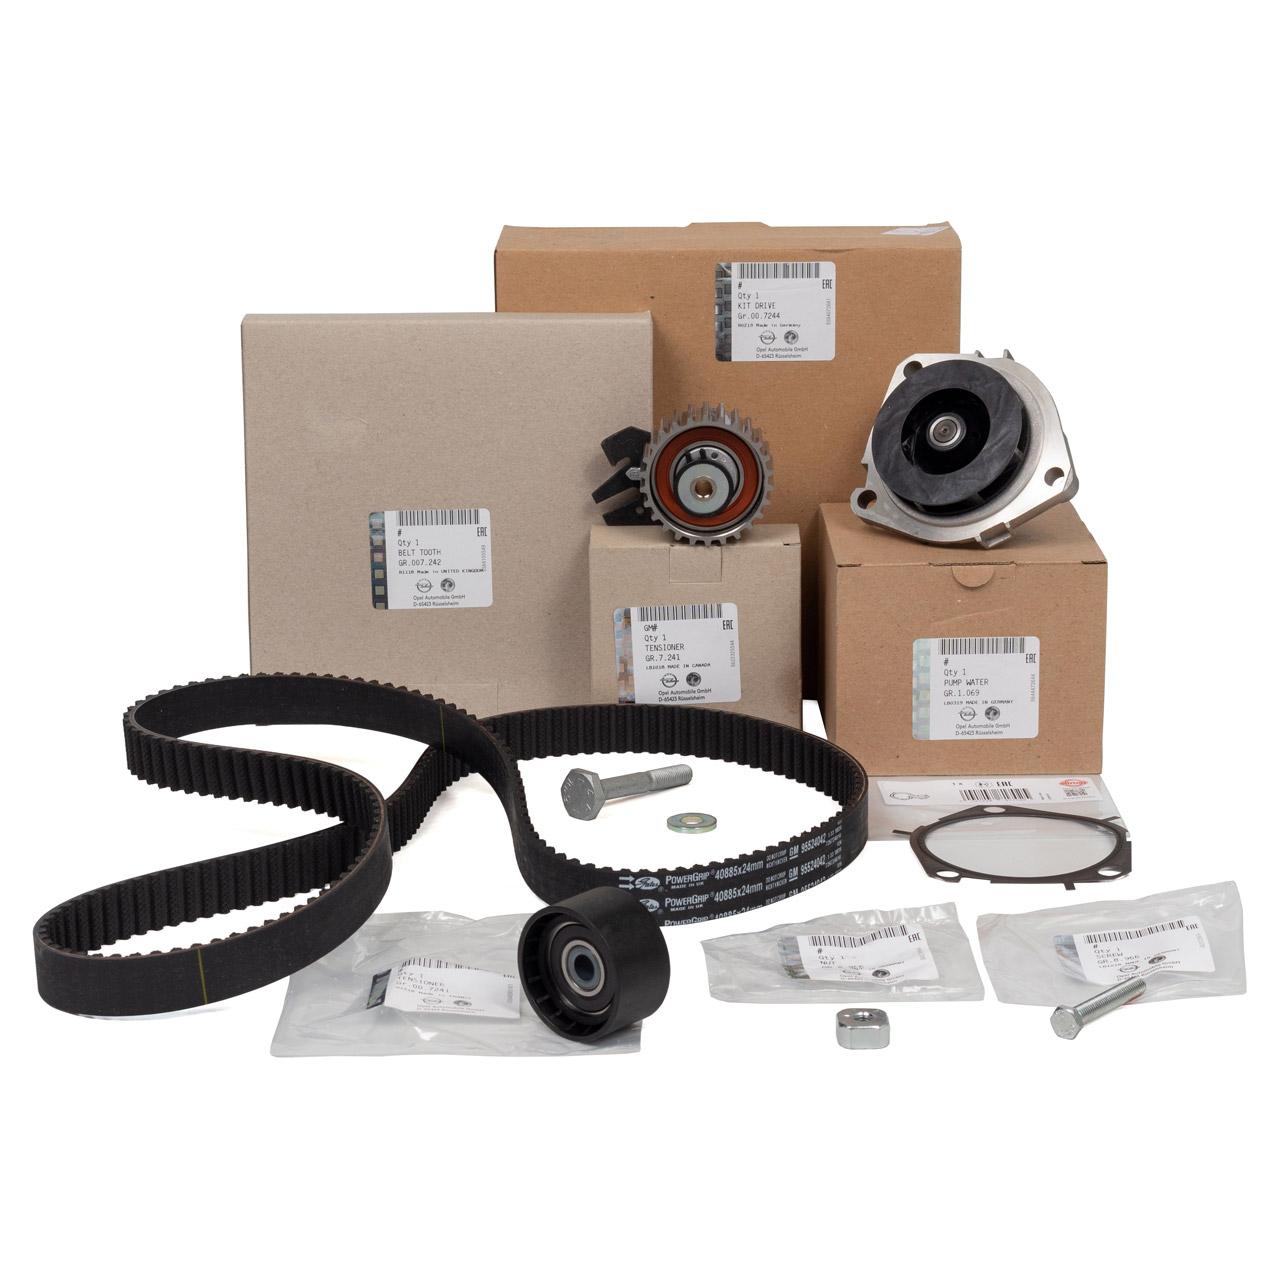 ORIGINAL Opel Zahnriemensatz 95507810 + Wasserpumpe 55488983 für 1.9 / 2.0 CDTI